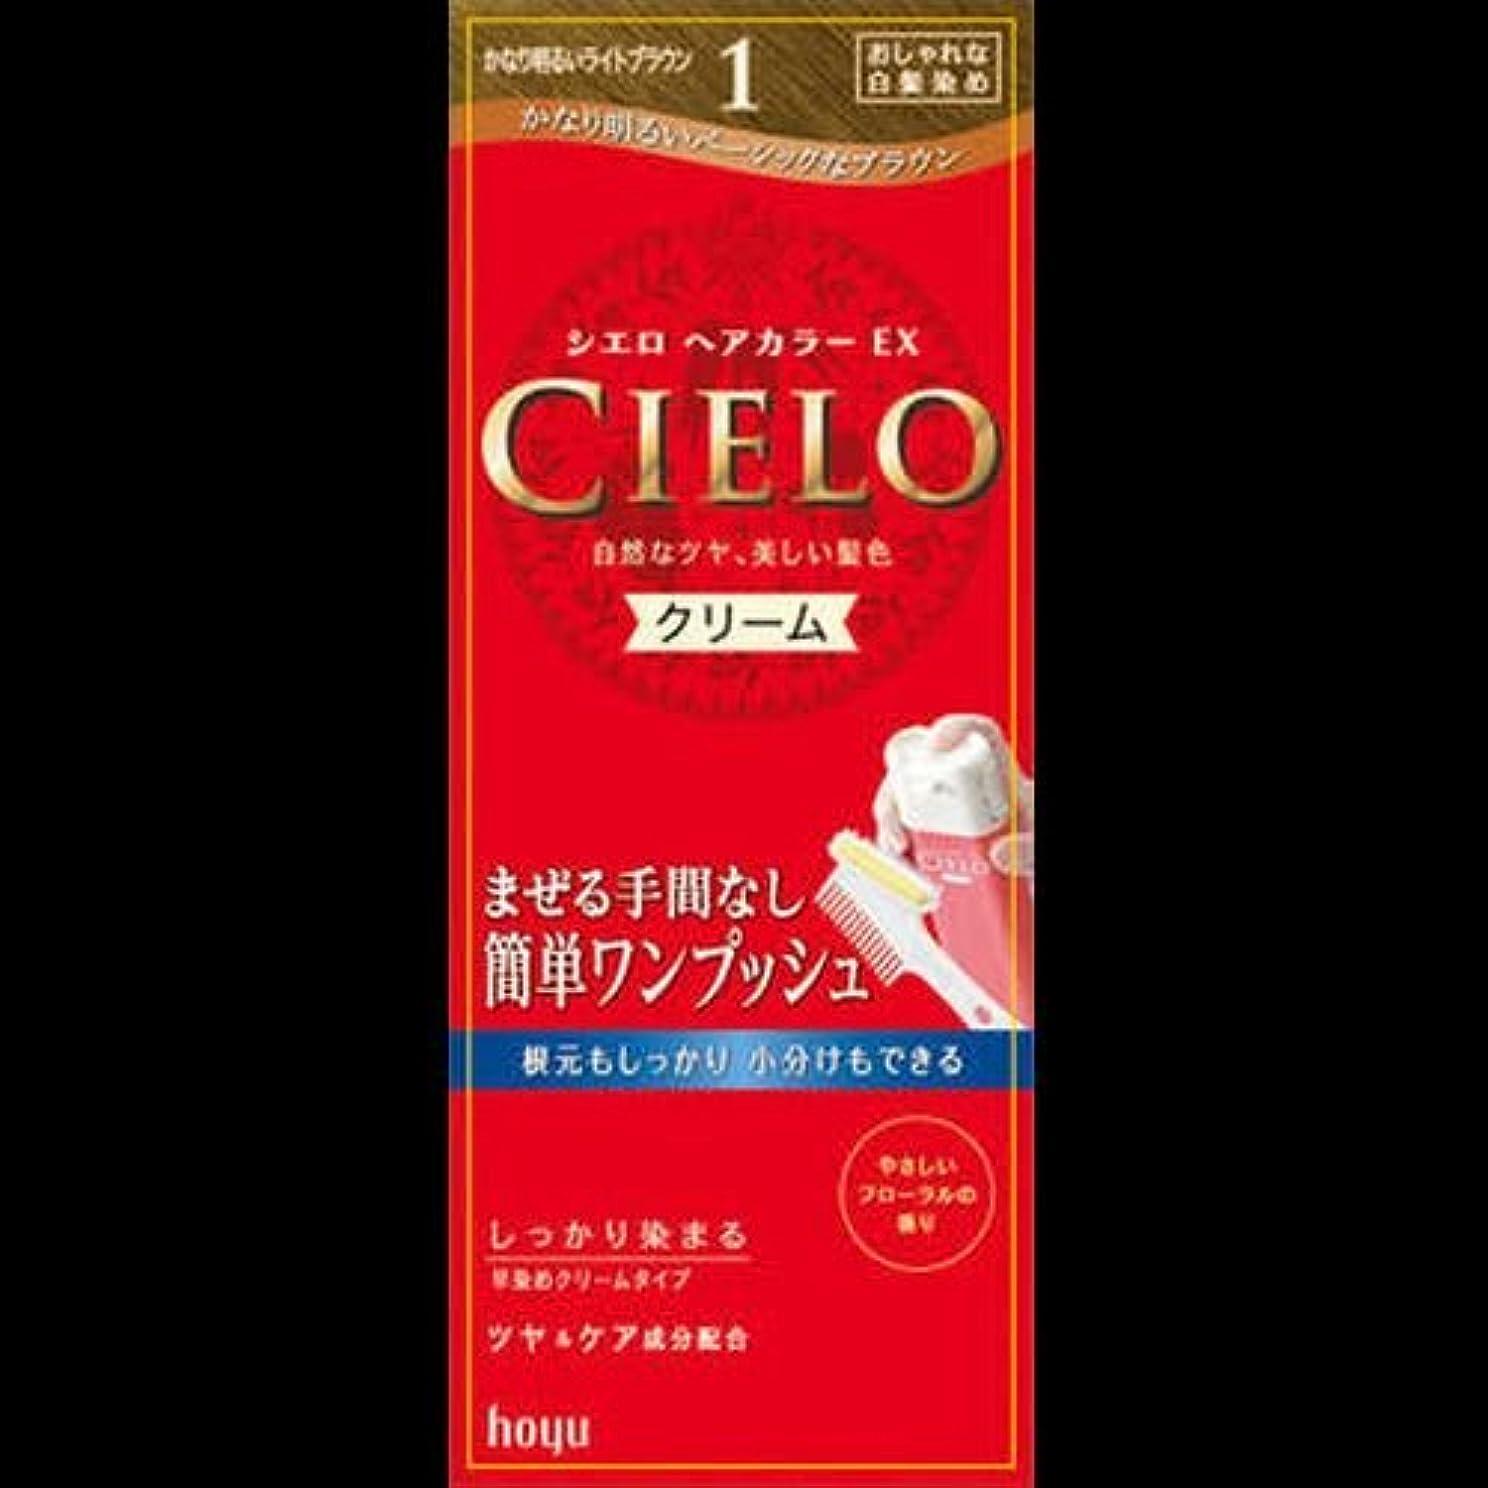 滅多がんばり続ける用量シエロ ヘアカラーEXクリーム かなり明るいライトB ×2セット